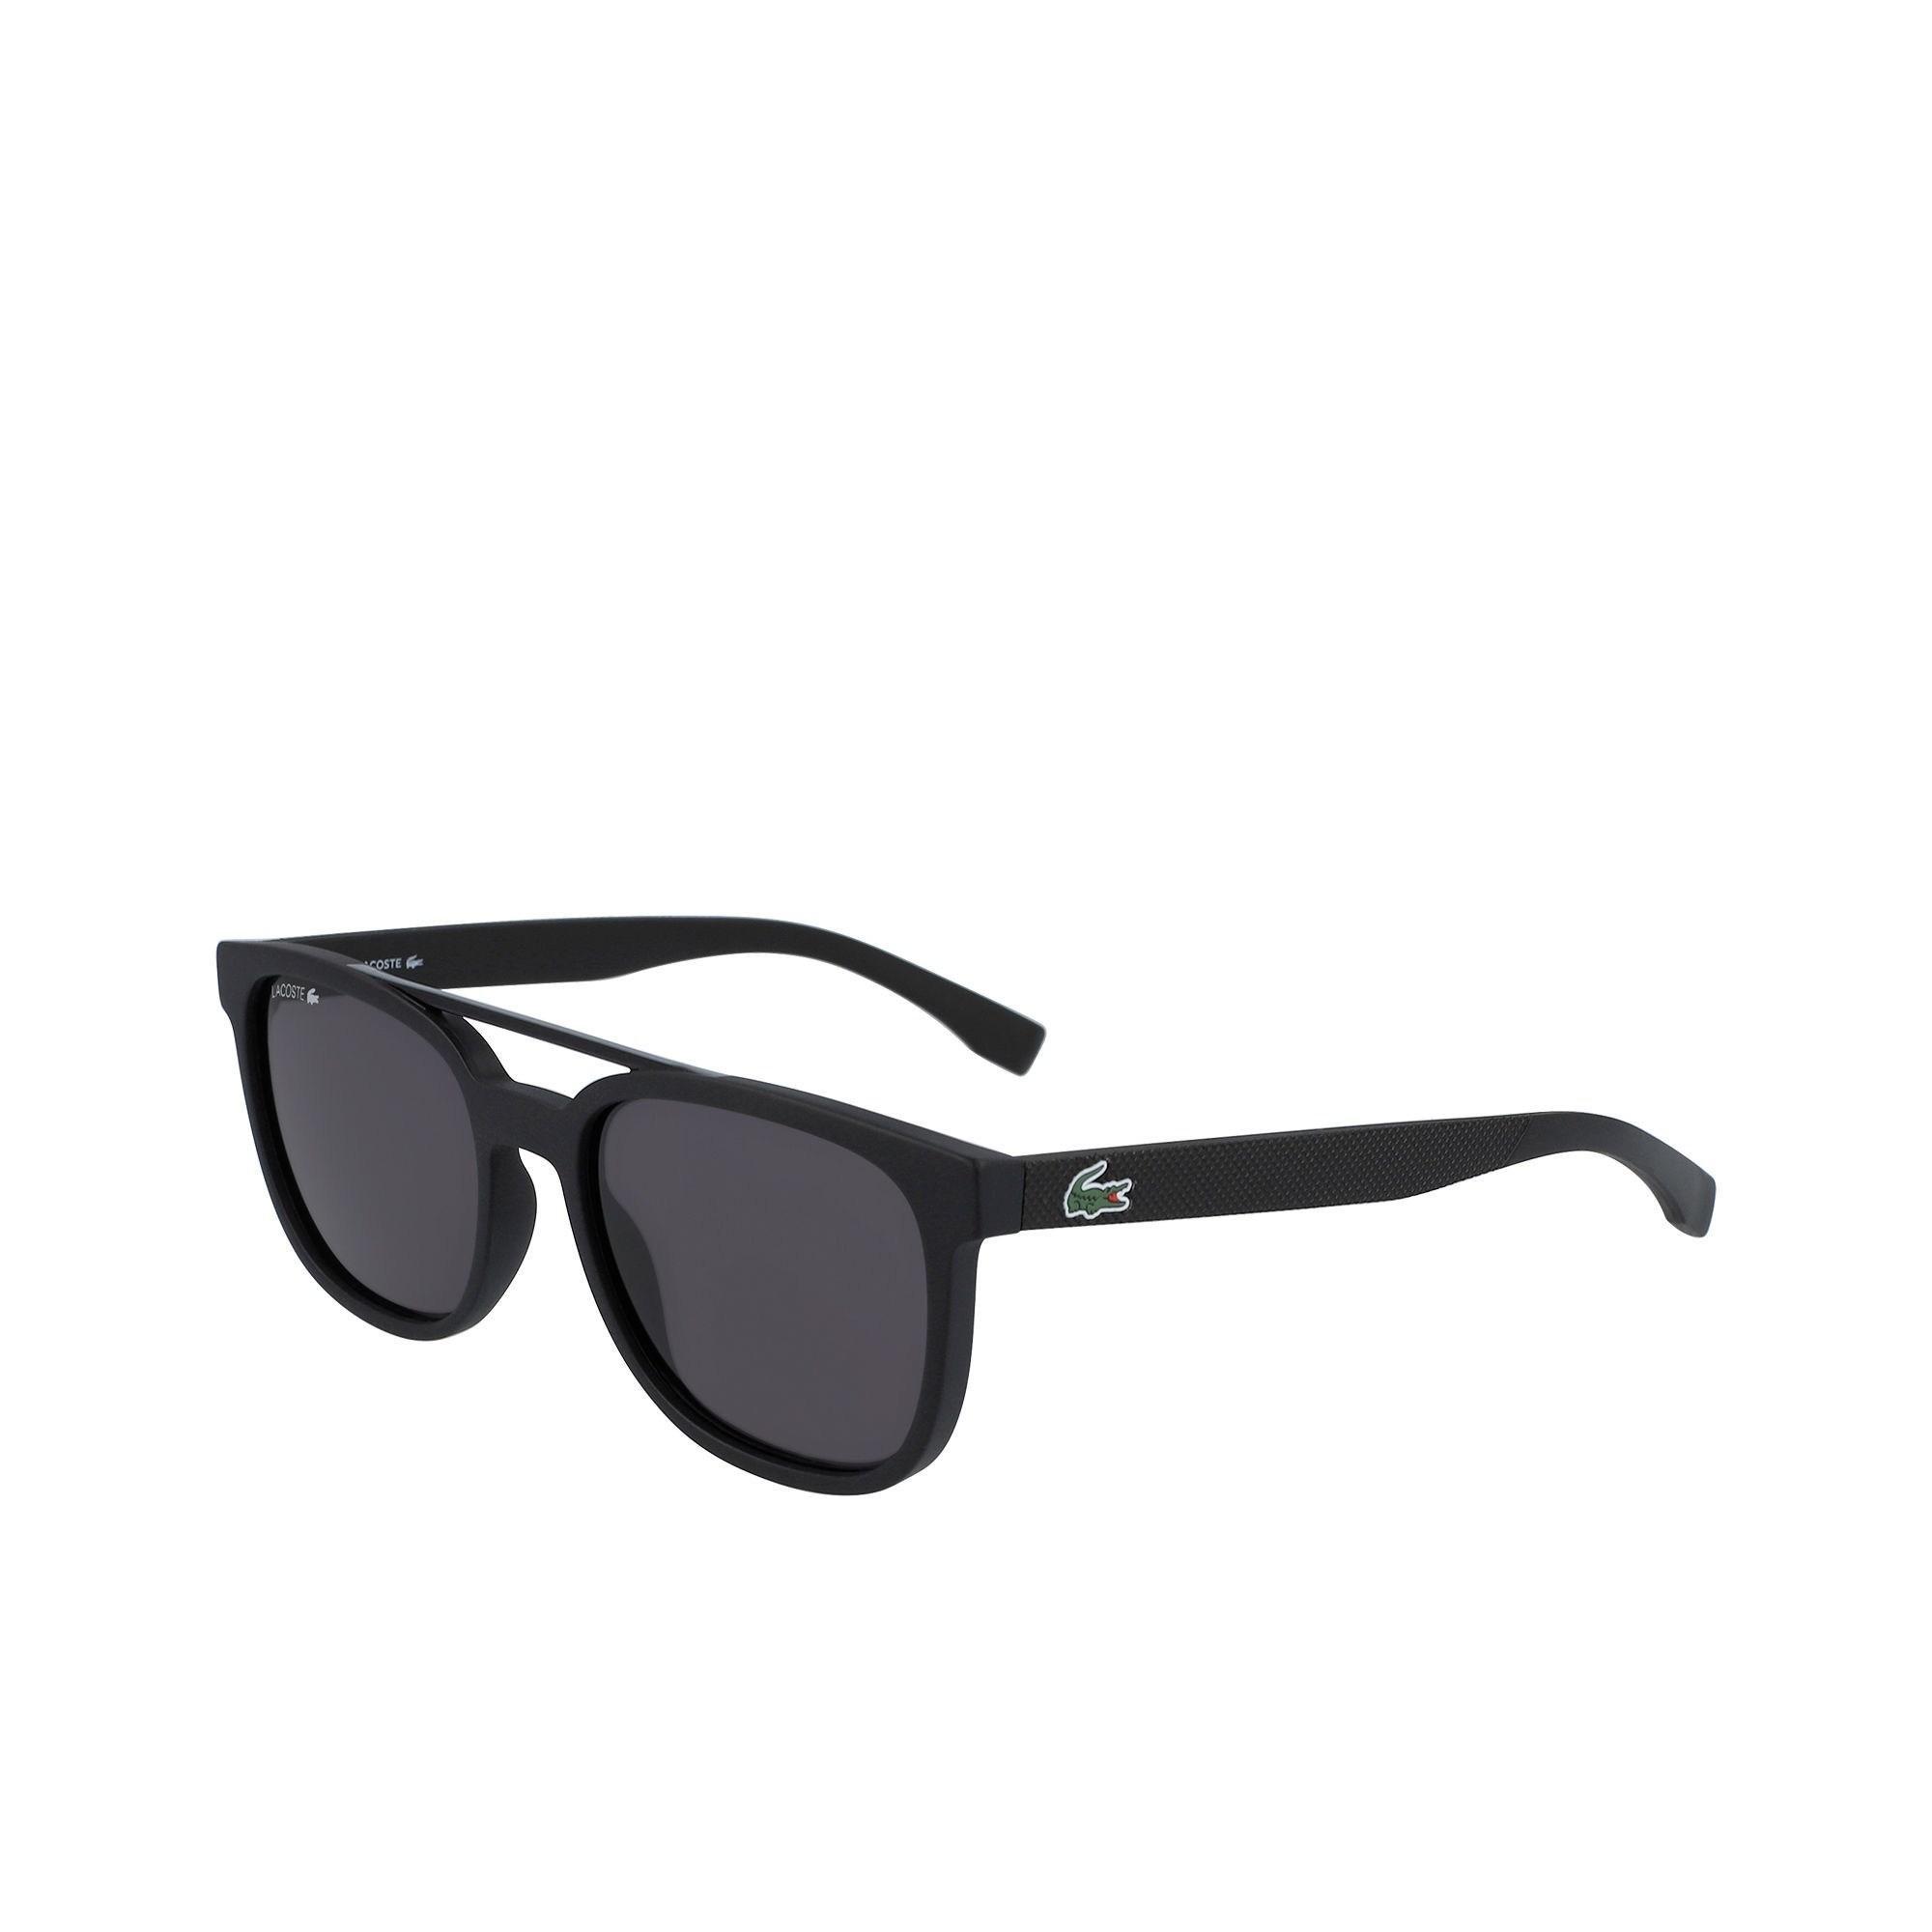 1a56f90d097c Lyst - Lacoste Plastic Petit Piqué L.12.12 Sunglasses in Black